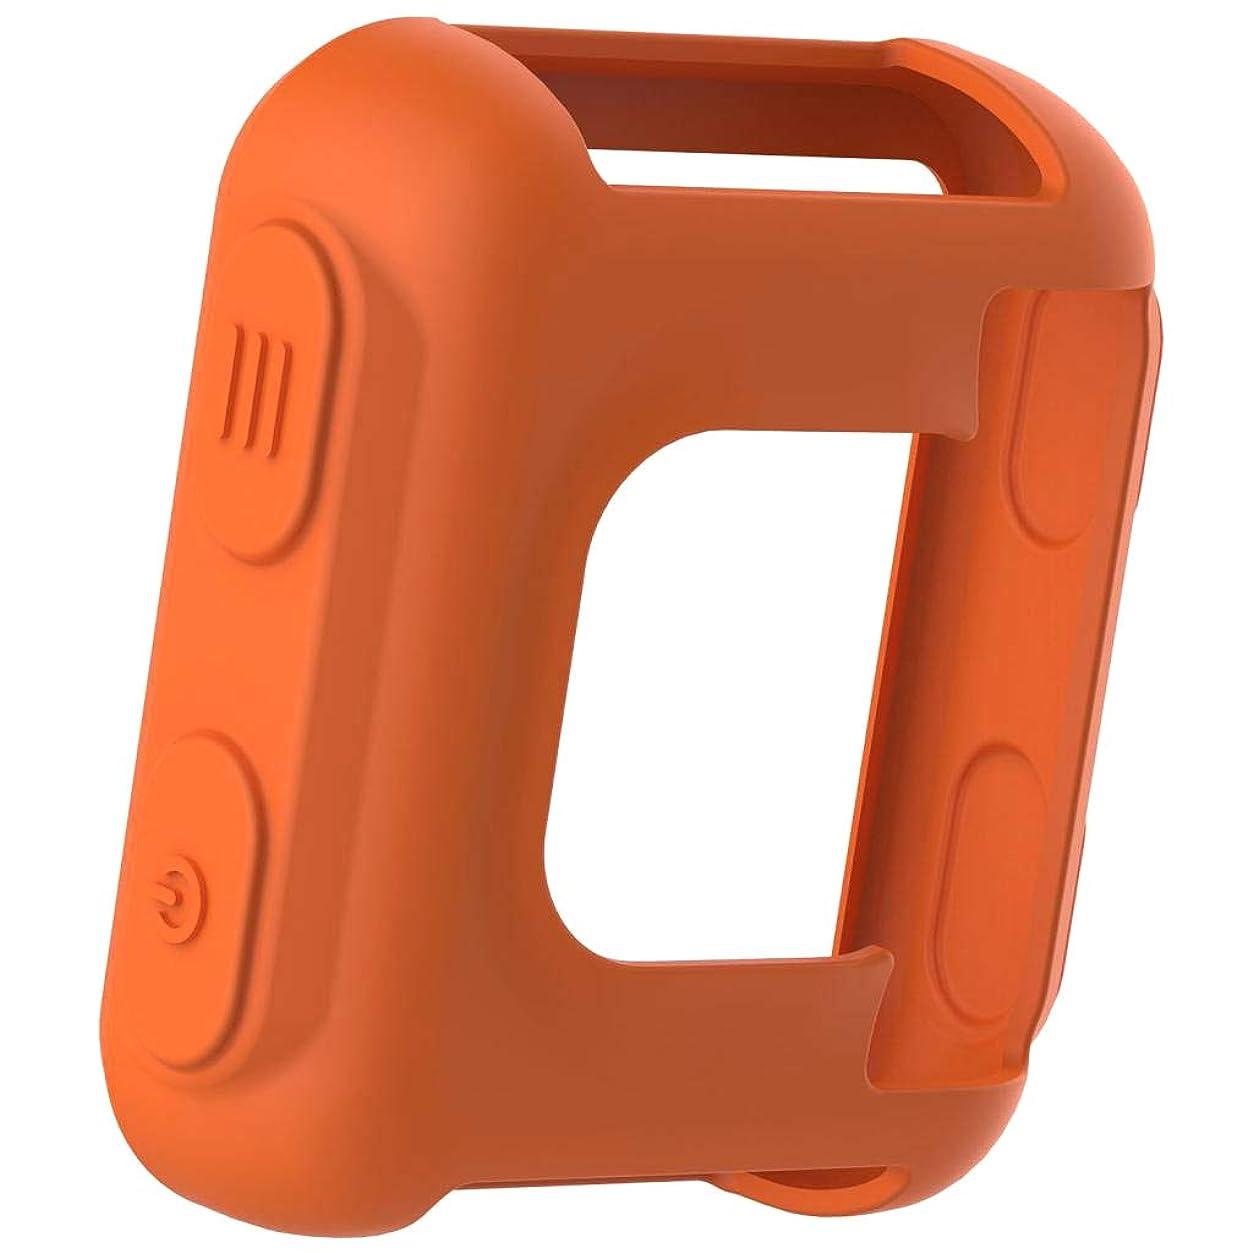 変な些細な従順perfk 保護カバー ケース シリコン製 互換性 耐衝撃 保護ケース - オレンジ